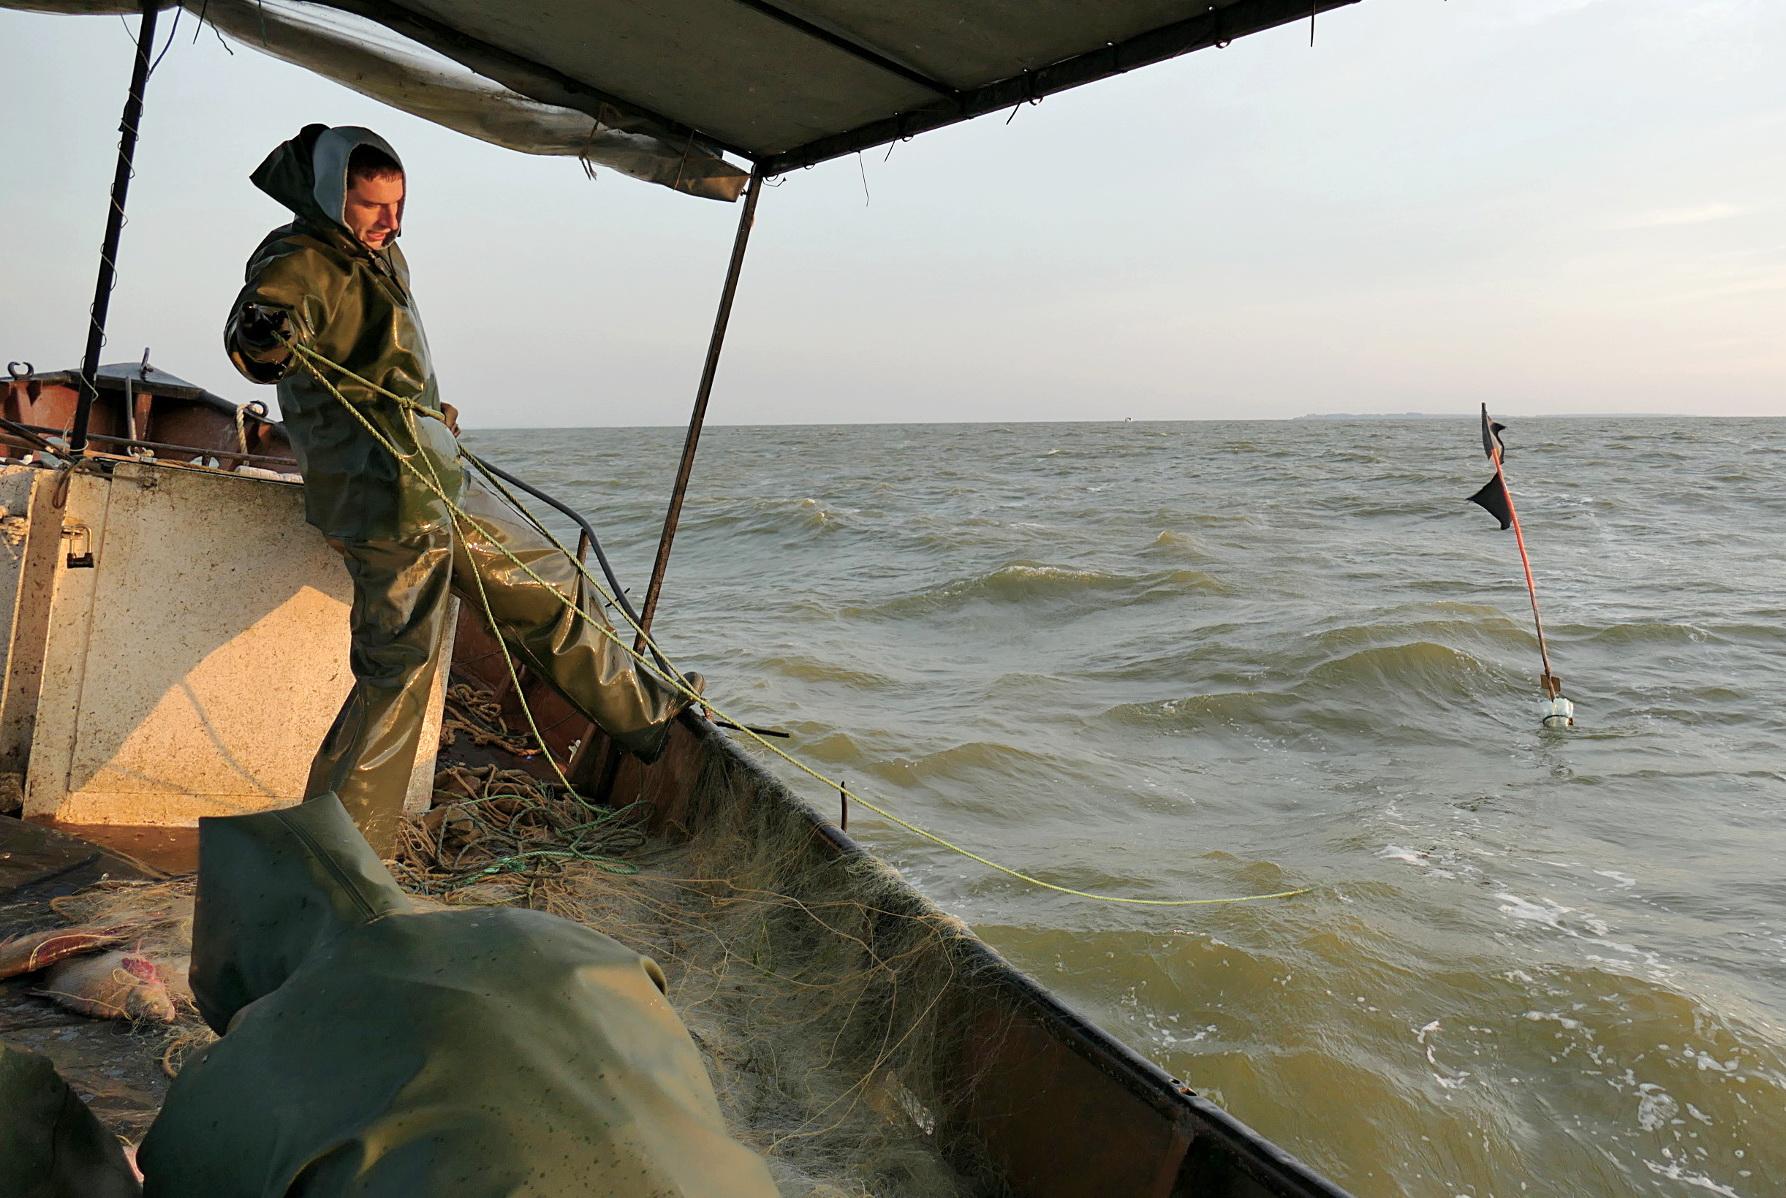 """Retai pasitaiko galimybė išplaukti į ne parodomąją ar pramoginę, o tikrą žvejybą su fotoaparatu rankose. Šįkart į savo žvejybinį botą, plaukusį patikrinti tinklų, sutiko priimti UAB """"Marių ežia"""" vadovas Arūnas Surdokas."""